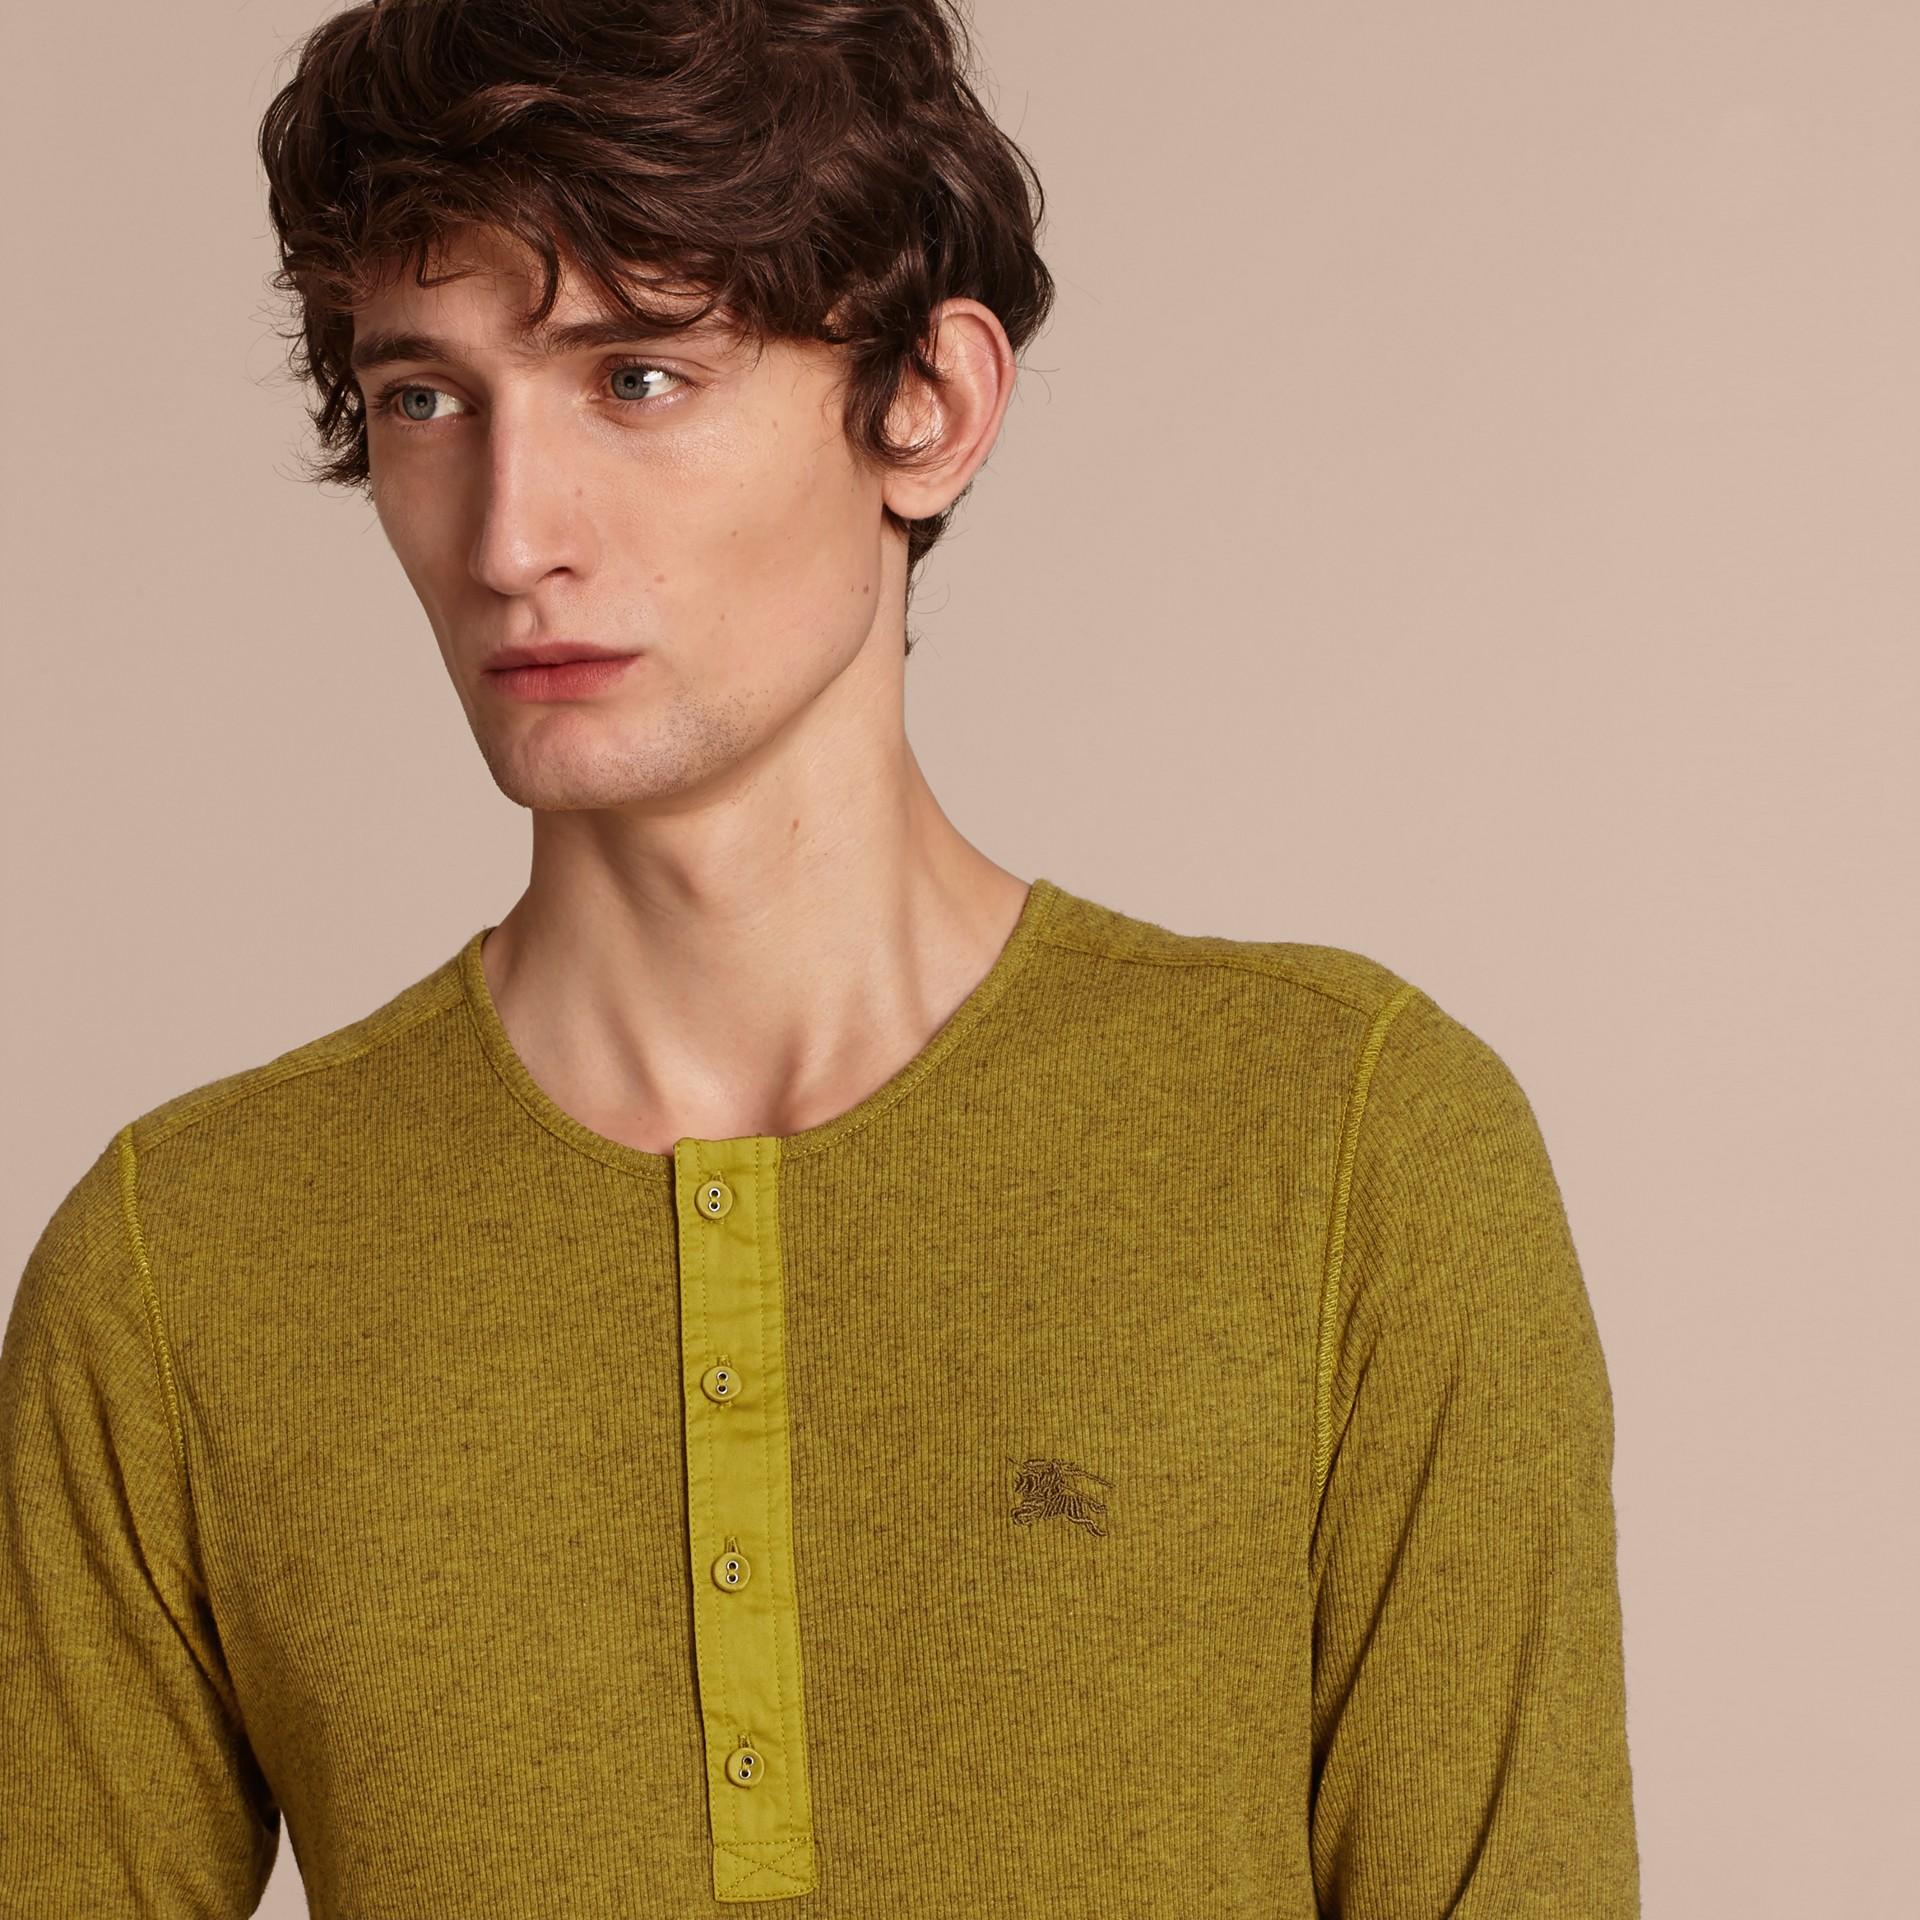 Olive green Camisa Henley de lã e algodão canelados Olive Green - galeria de imagens 5